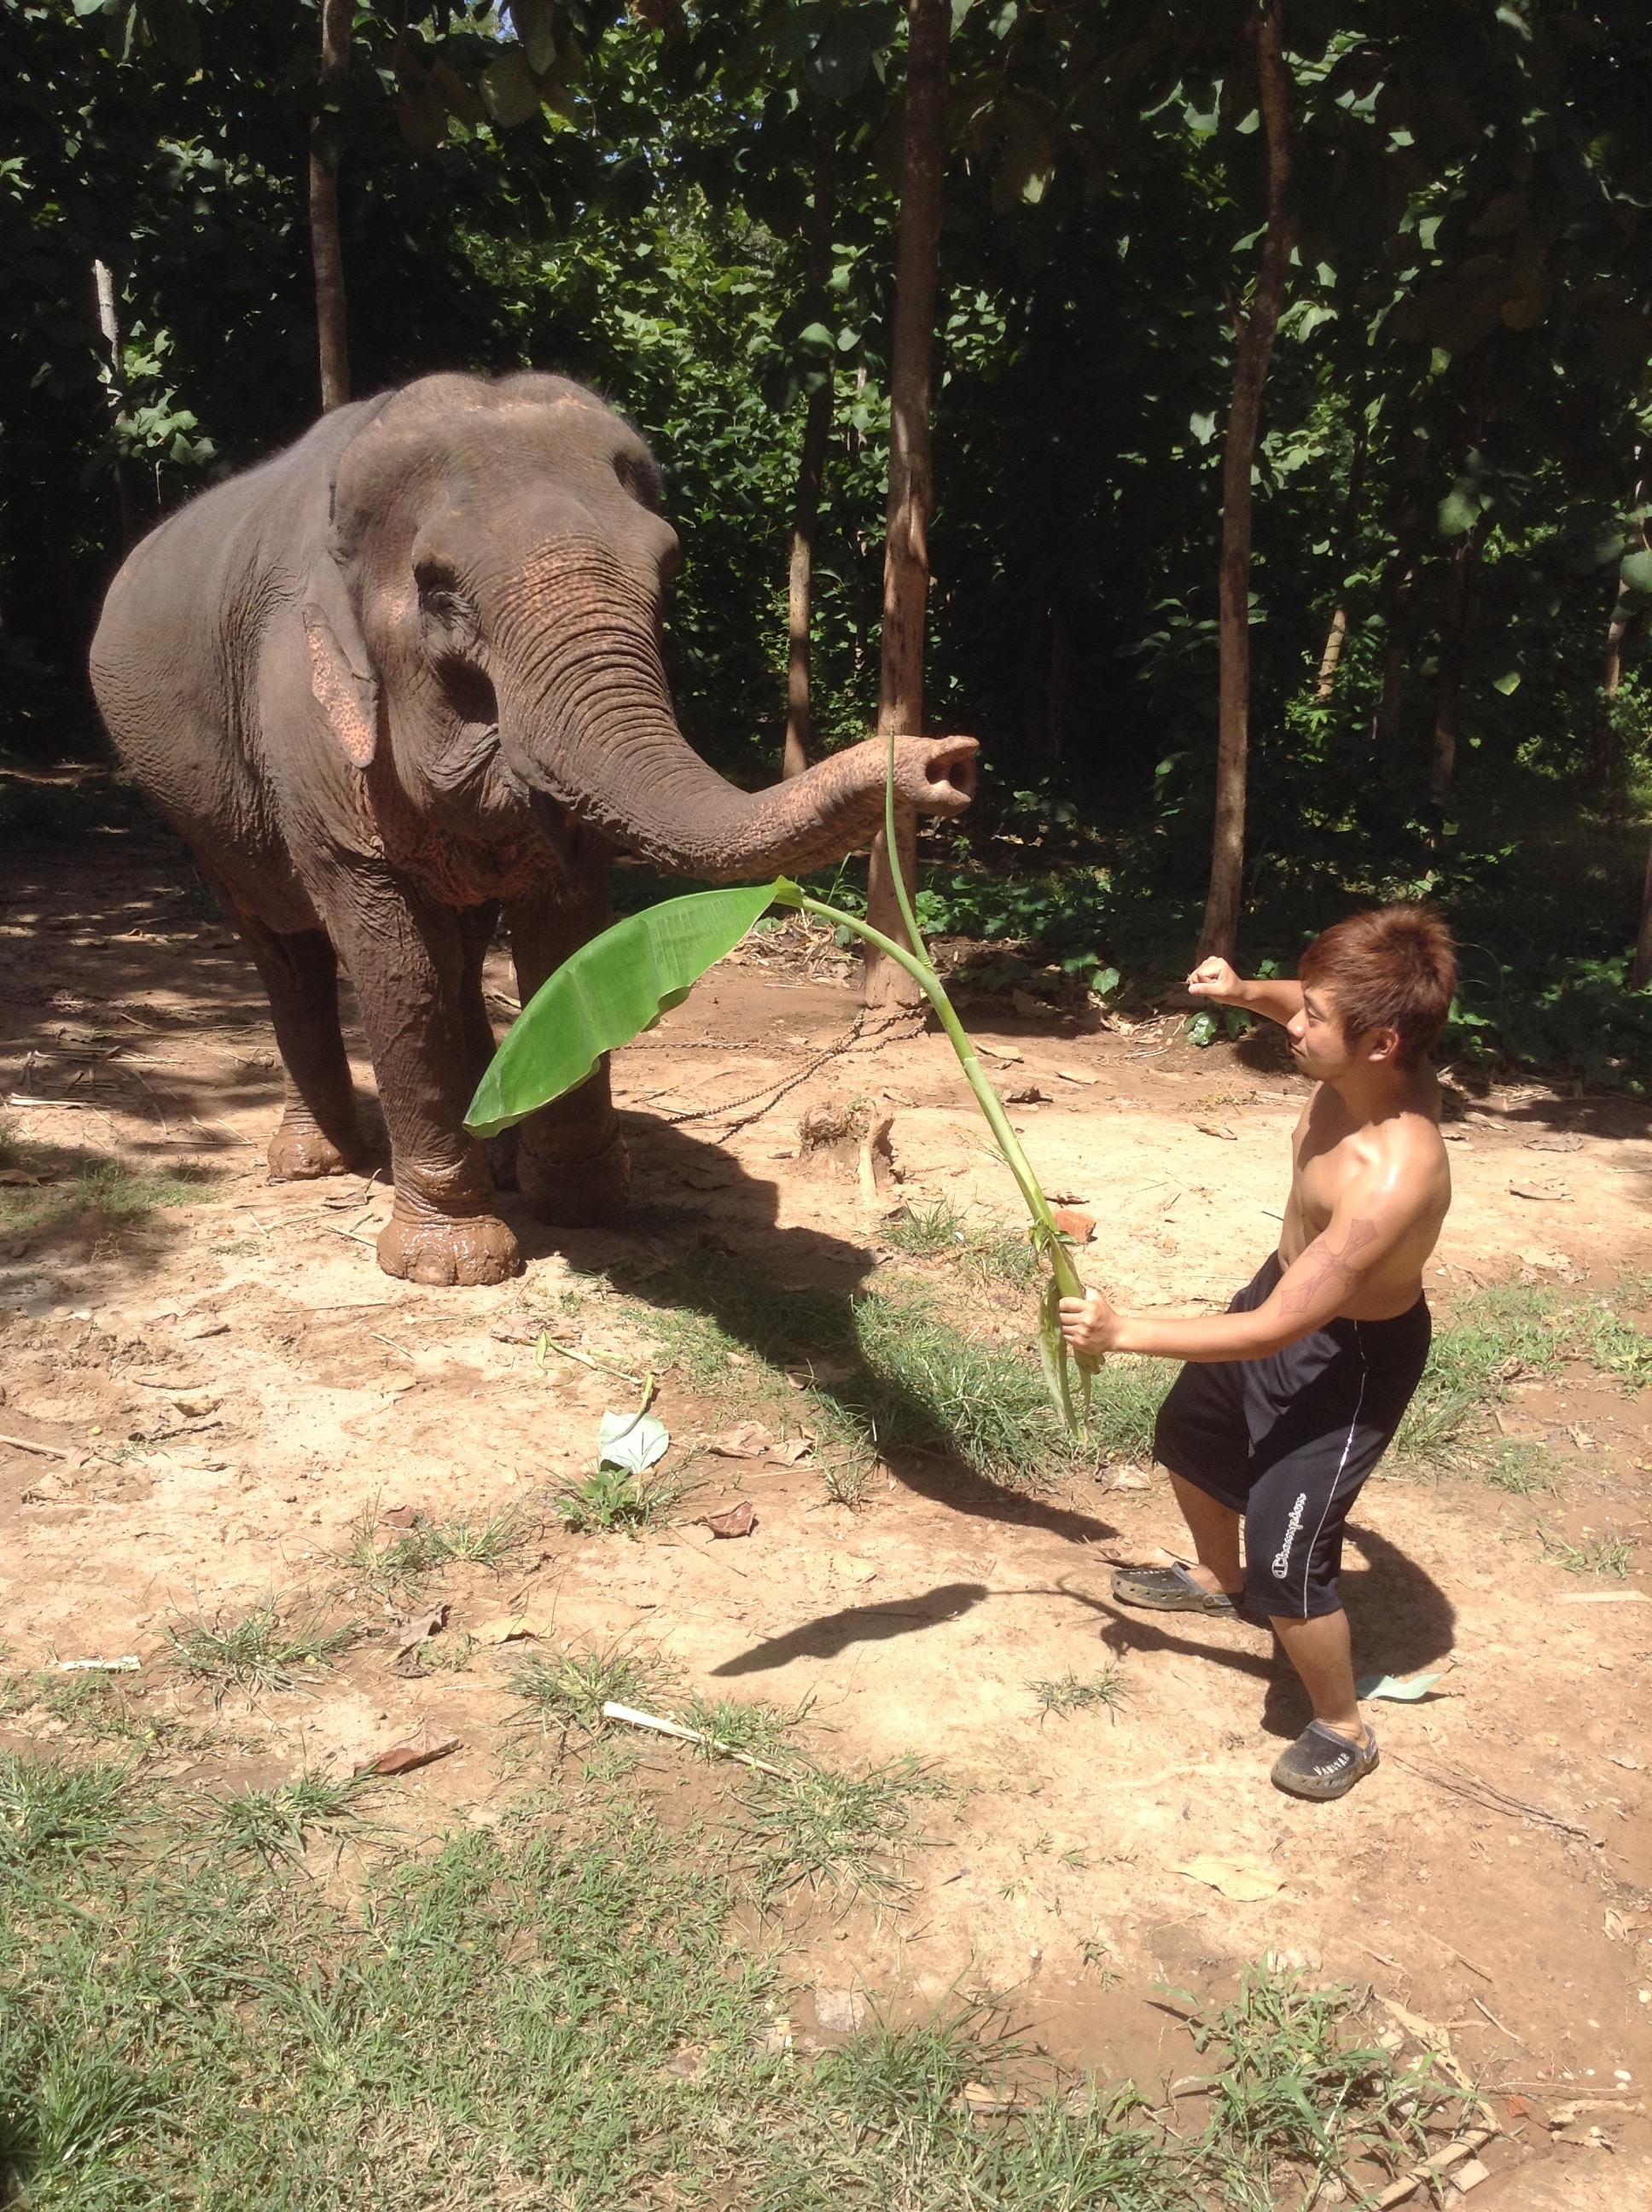 elephant attacked